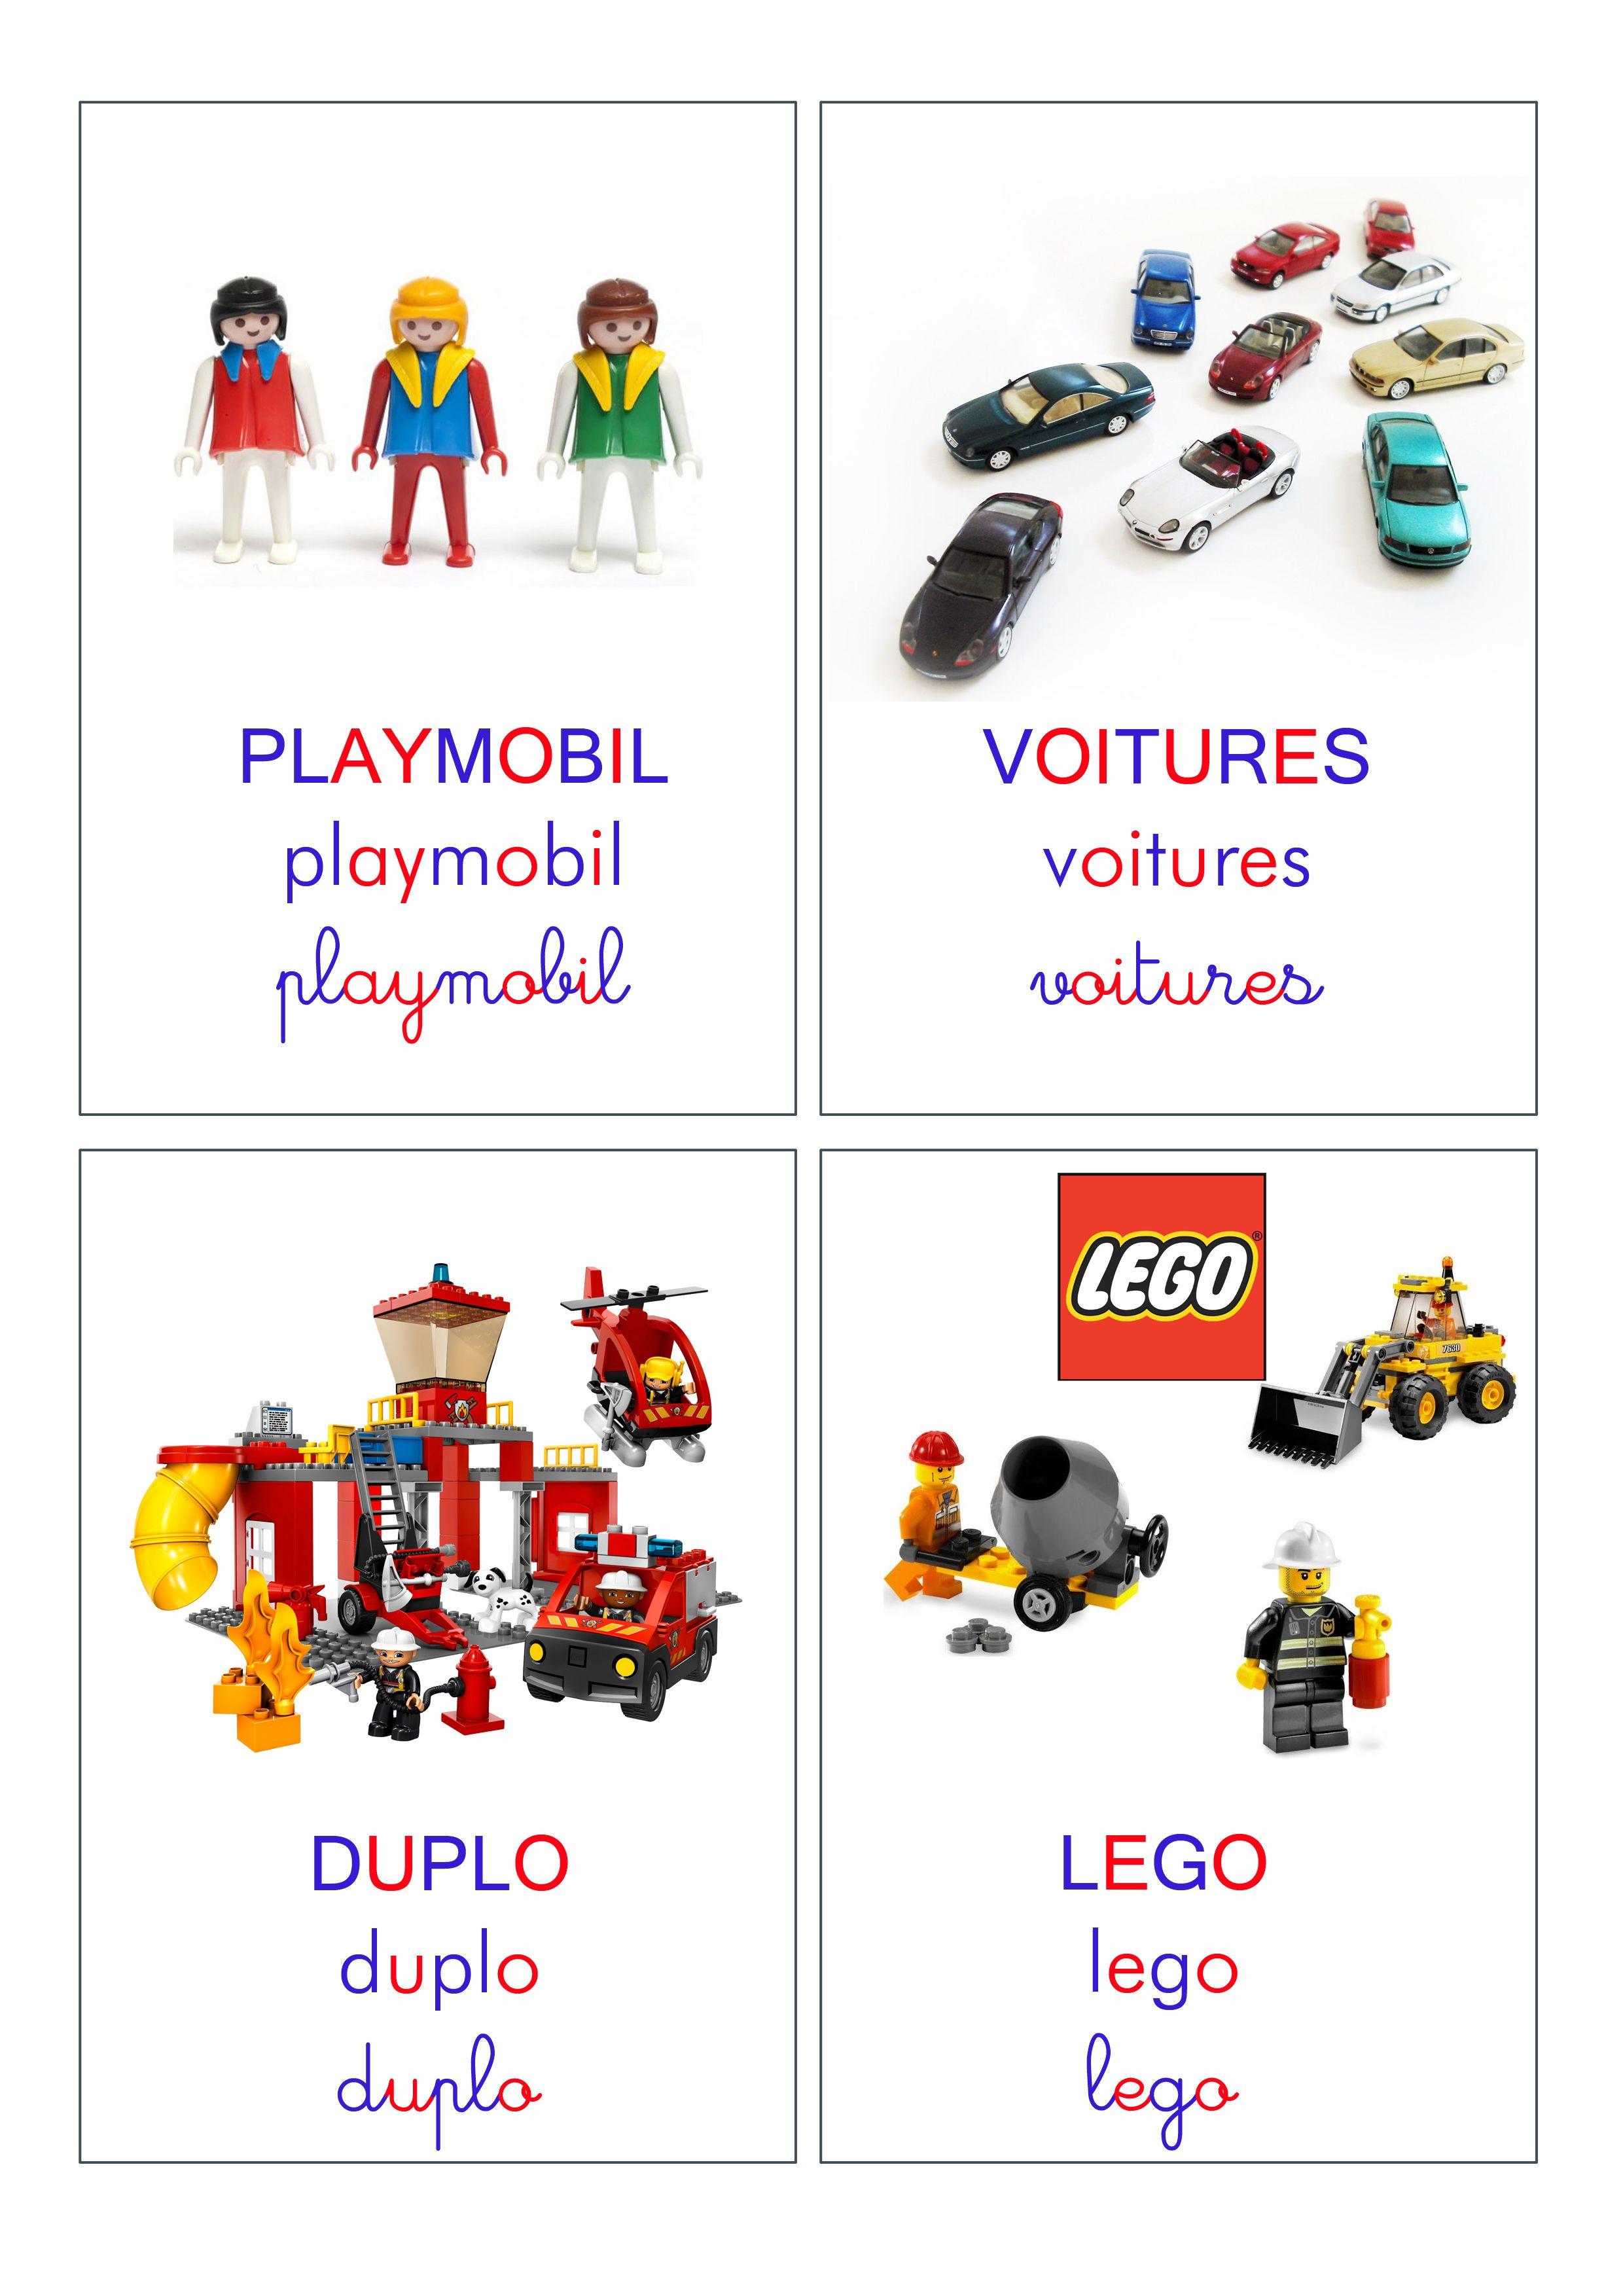 Tiquettes de rangement des jouets plastifier organiser pinterest rangement jouet - Ranger les jouets ...